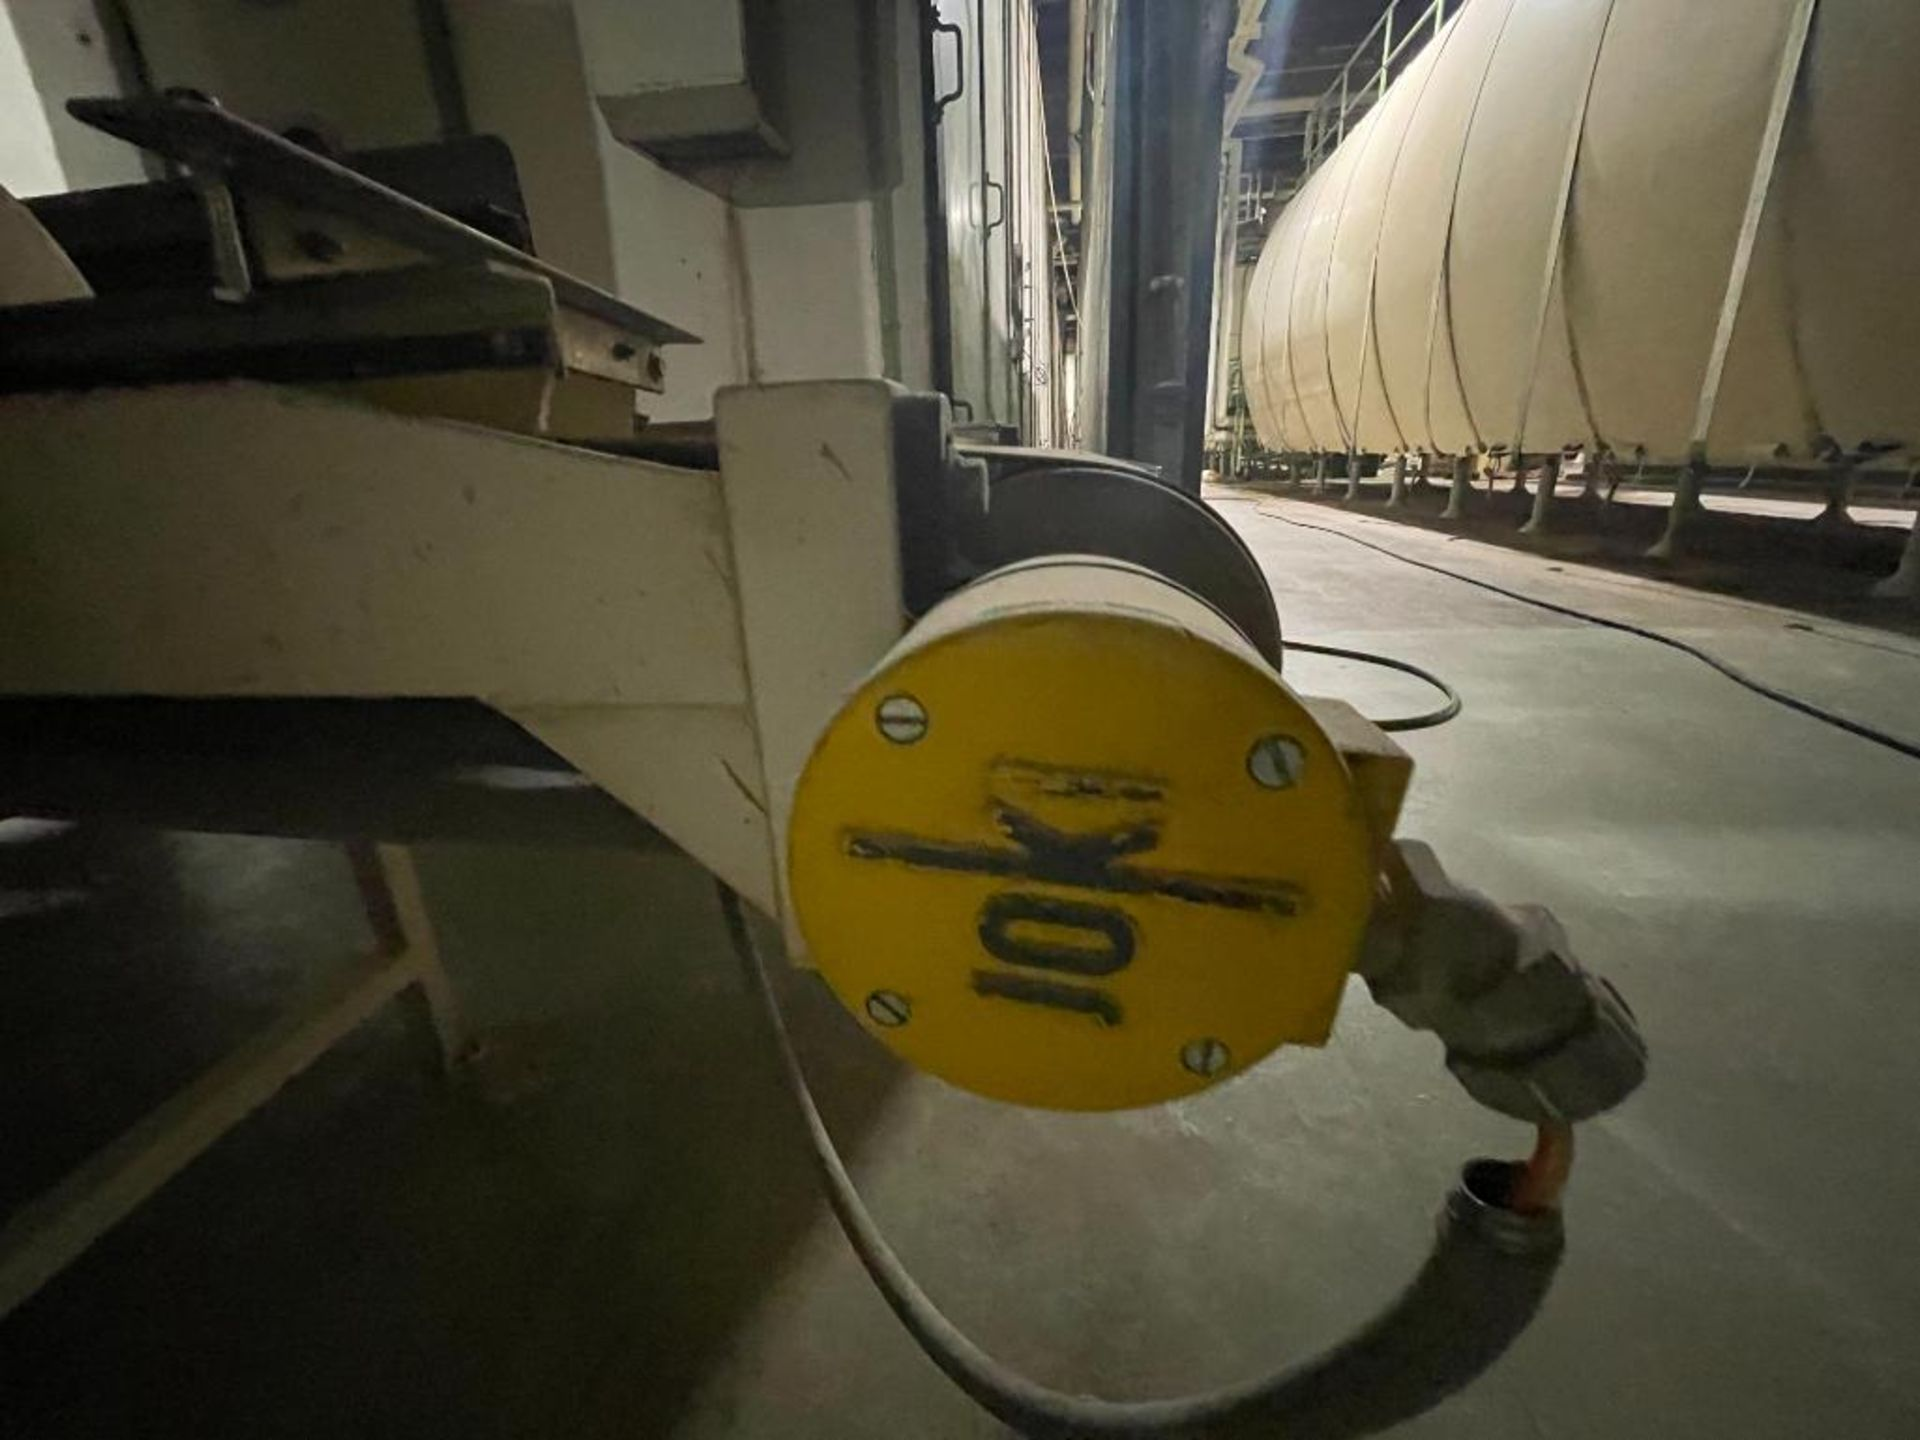 mild steel belt conveyor - Image 14 of 16